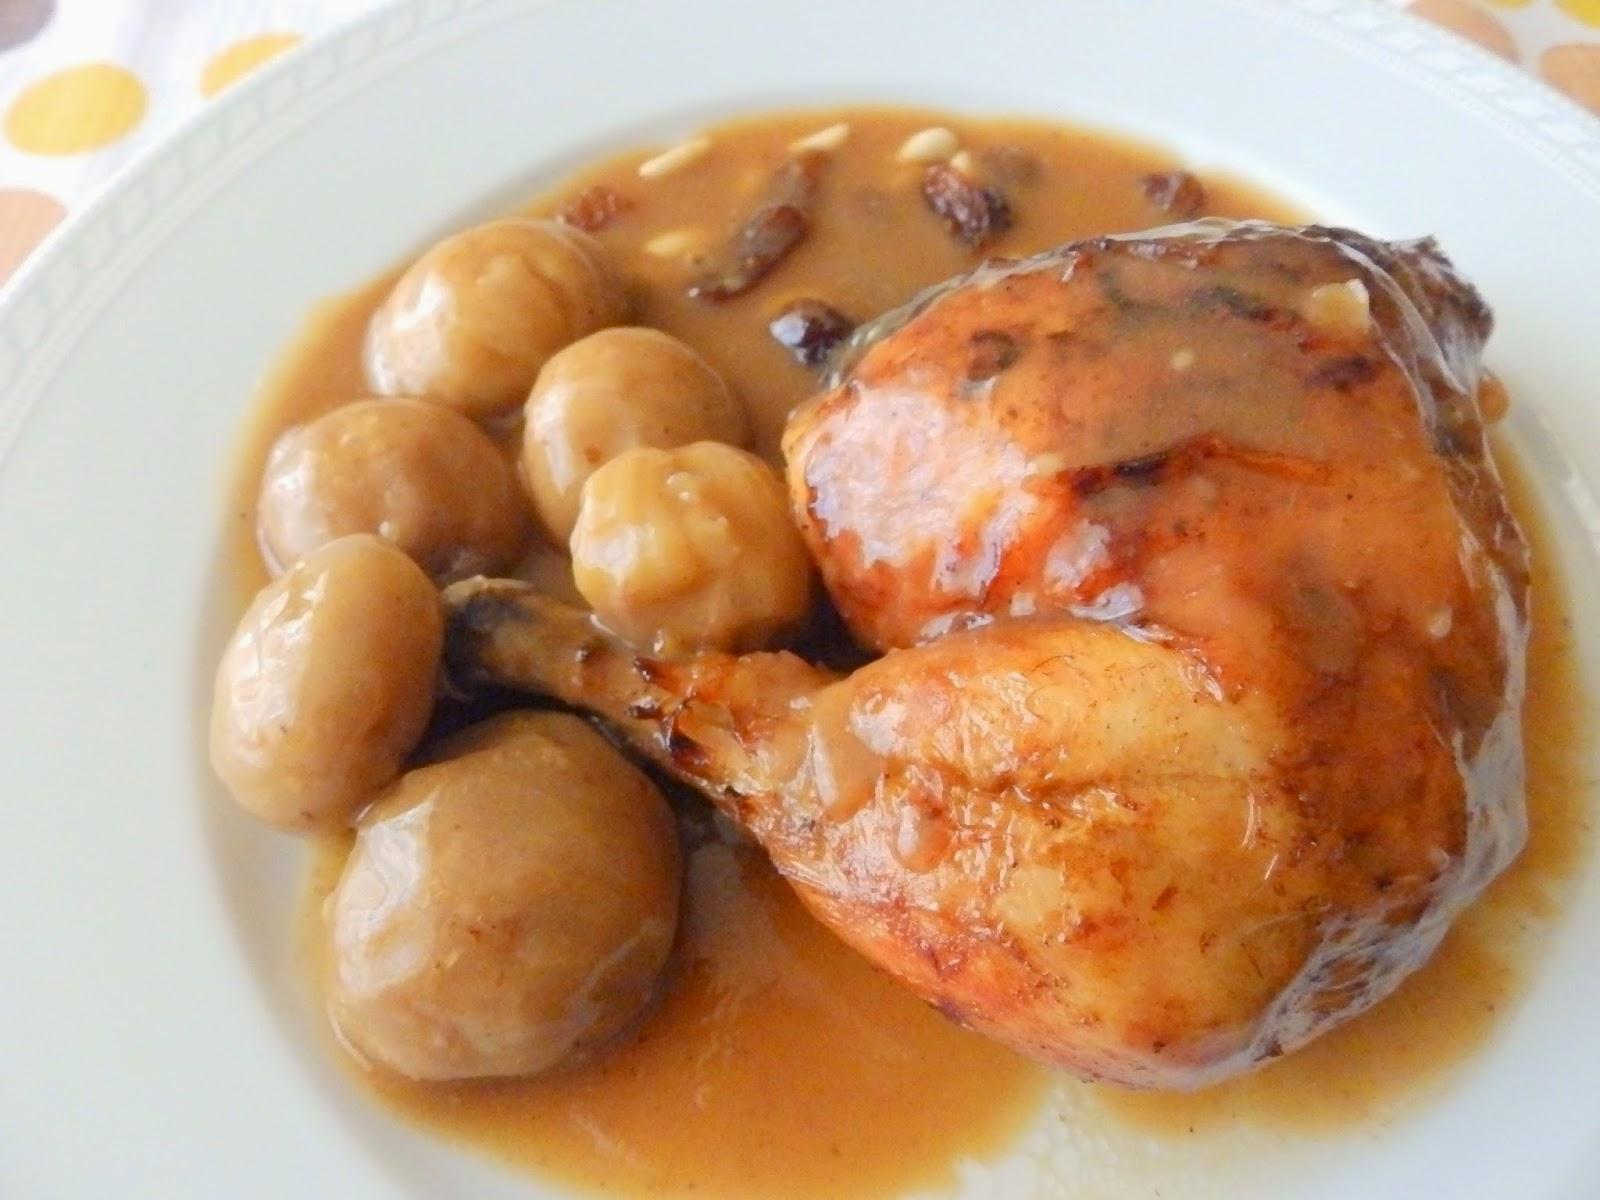 Pollo al horno con castañas y pasas